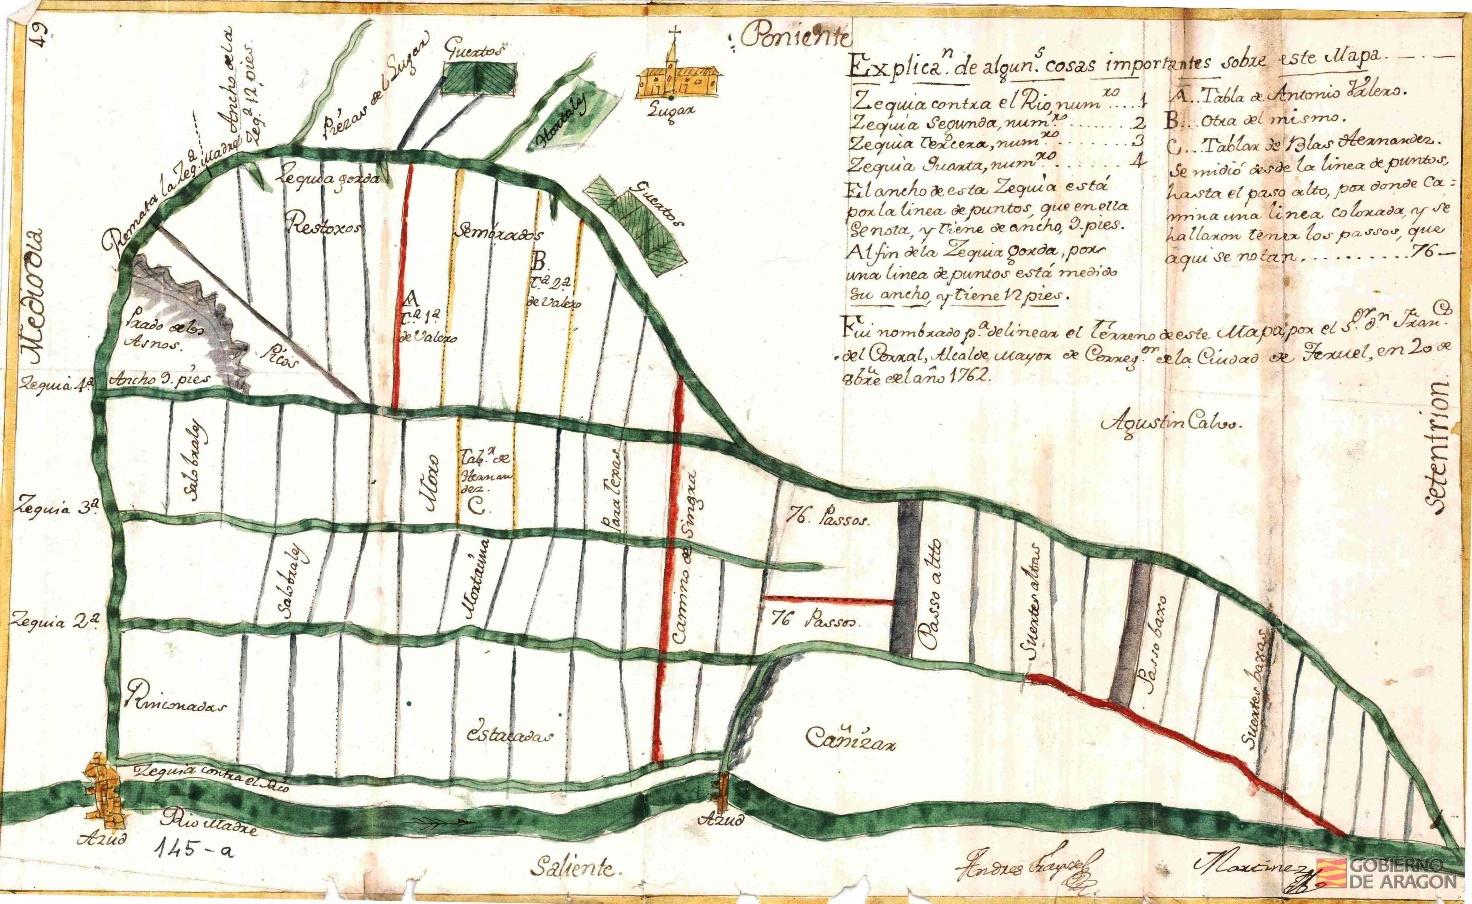 Mapa del término del lugar de Alba desde el río Madre hasta la Acequia Gorda (1762). AHPZ